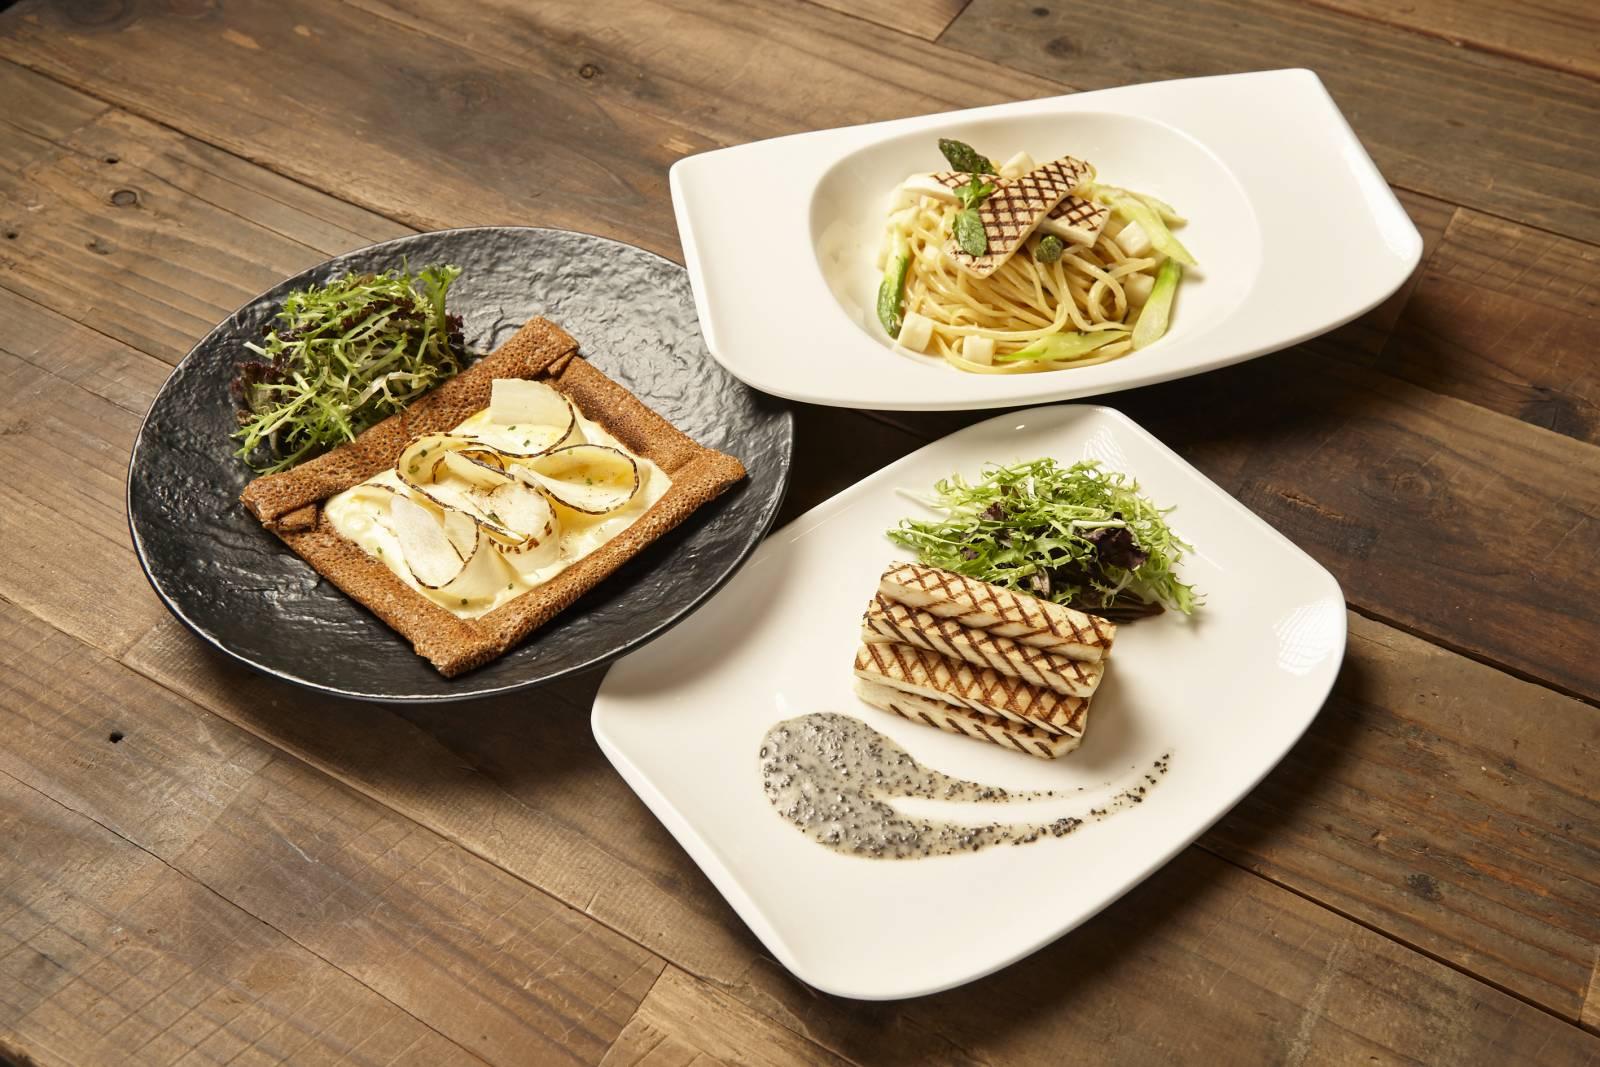 agnès b. Le Pain Grillé 品味在地食材與法式優雅的完美結合